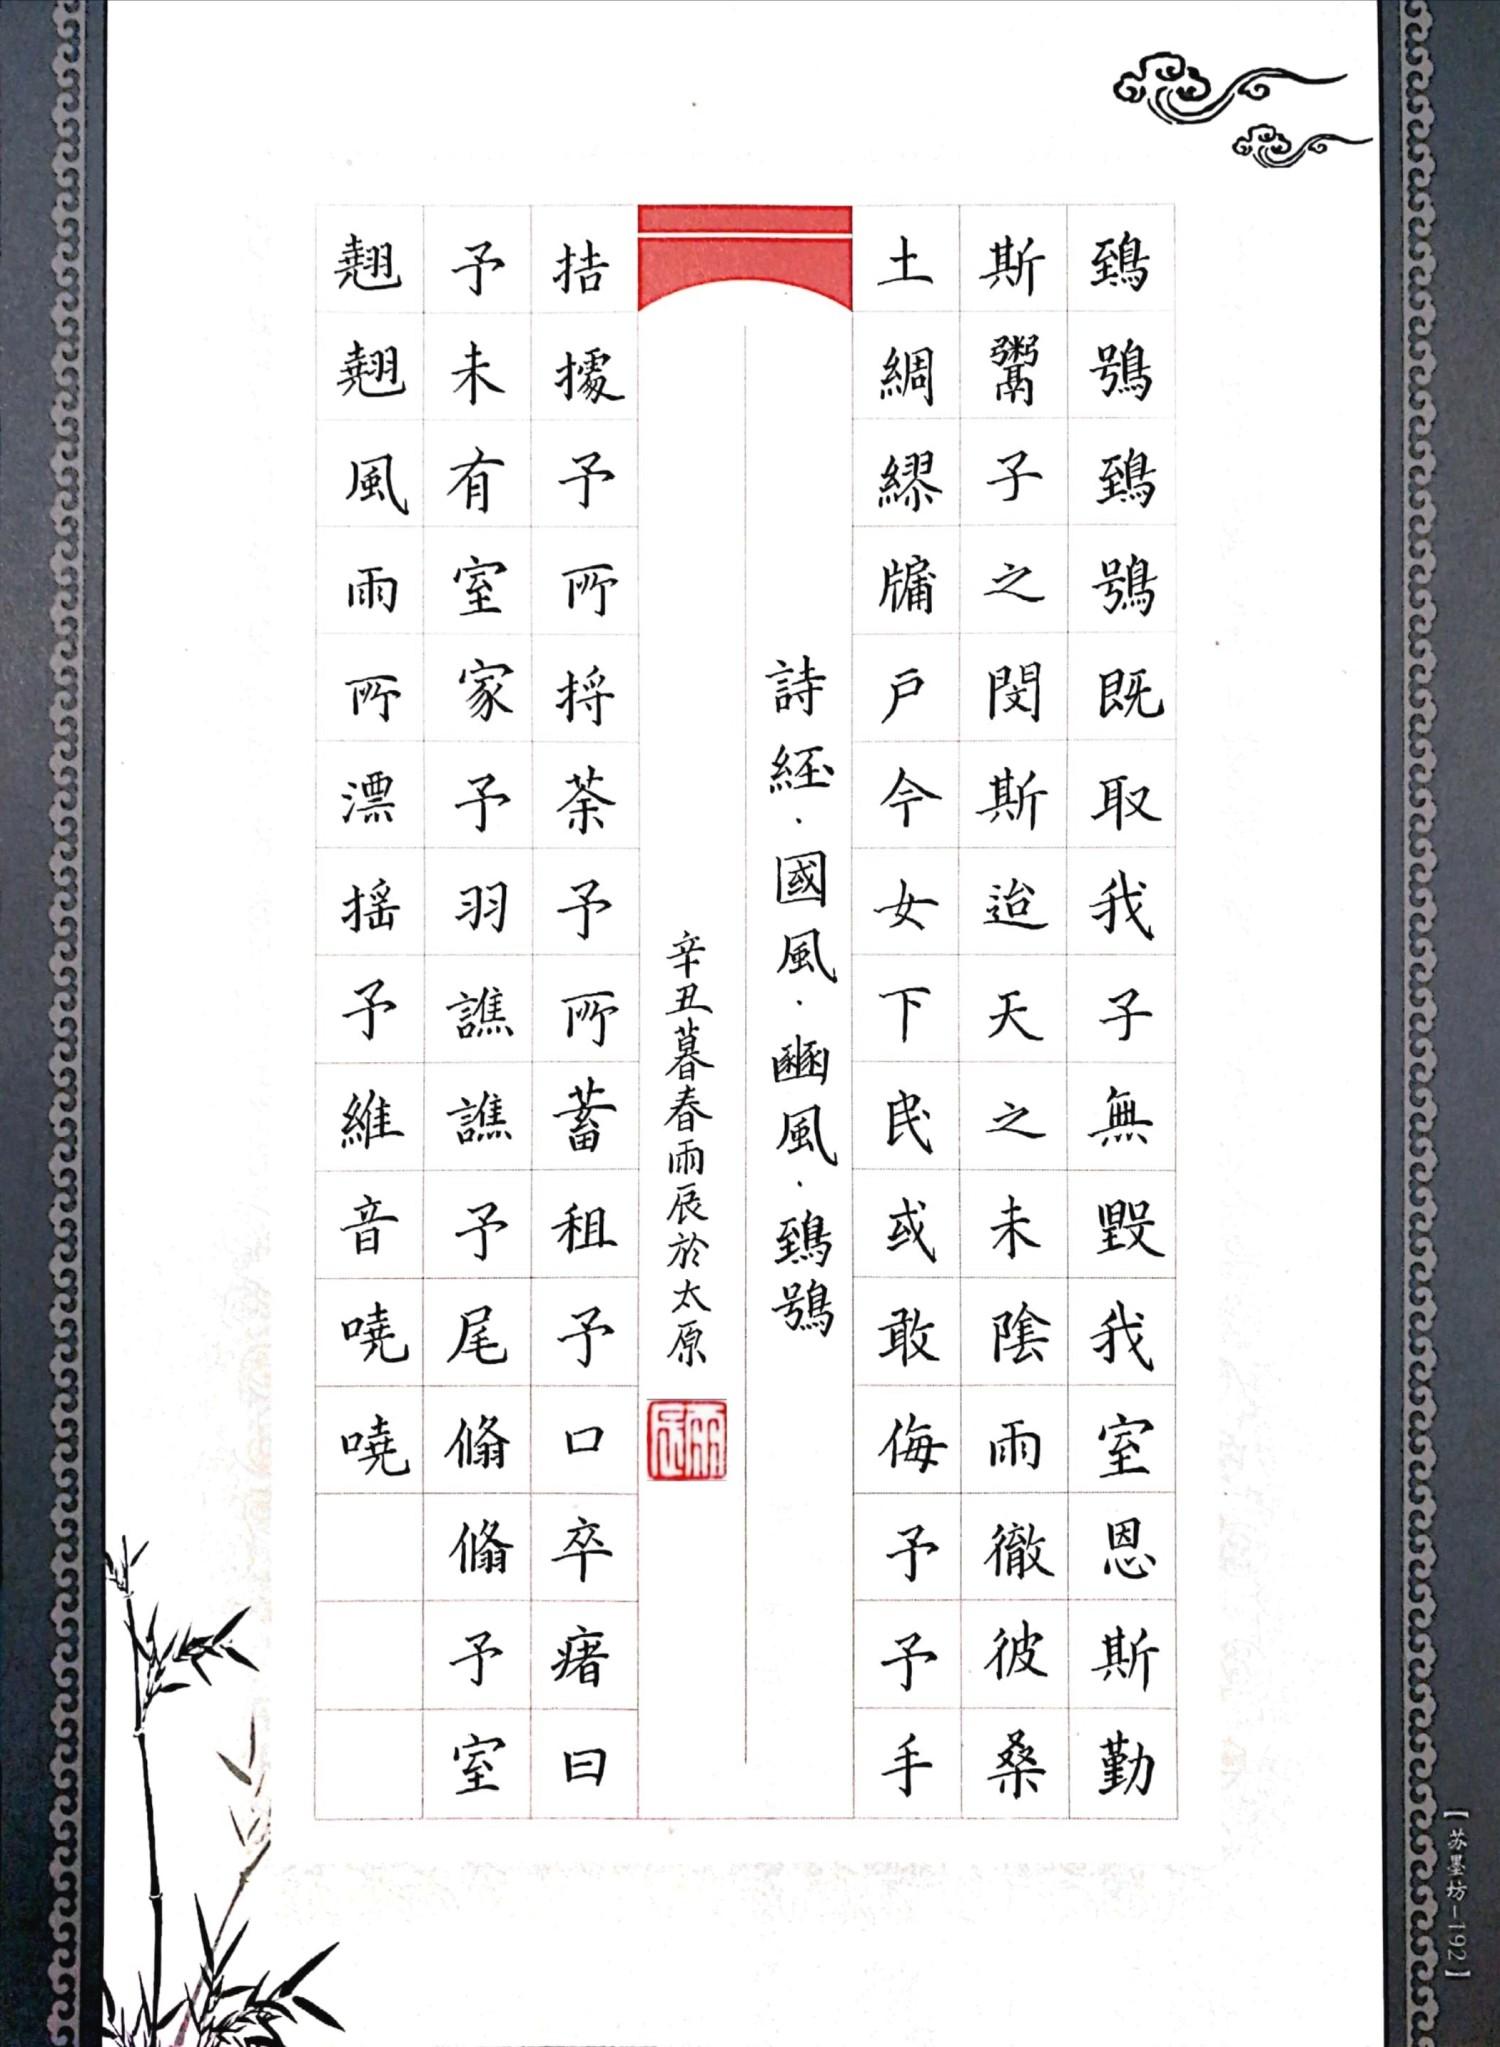 钢笔书法练字打卡20210427-22